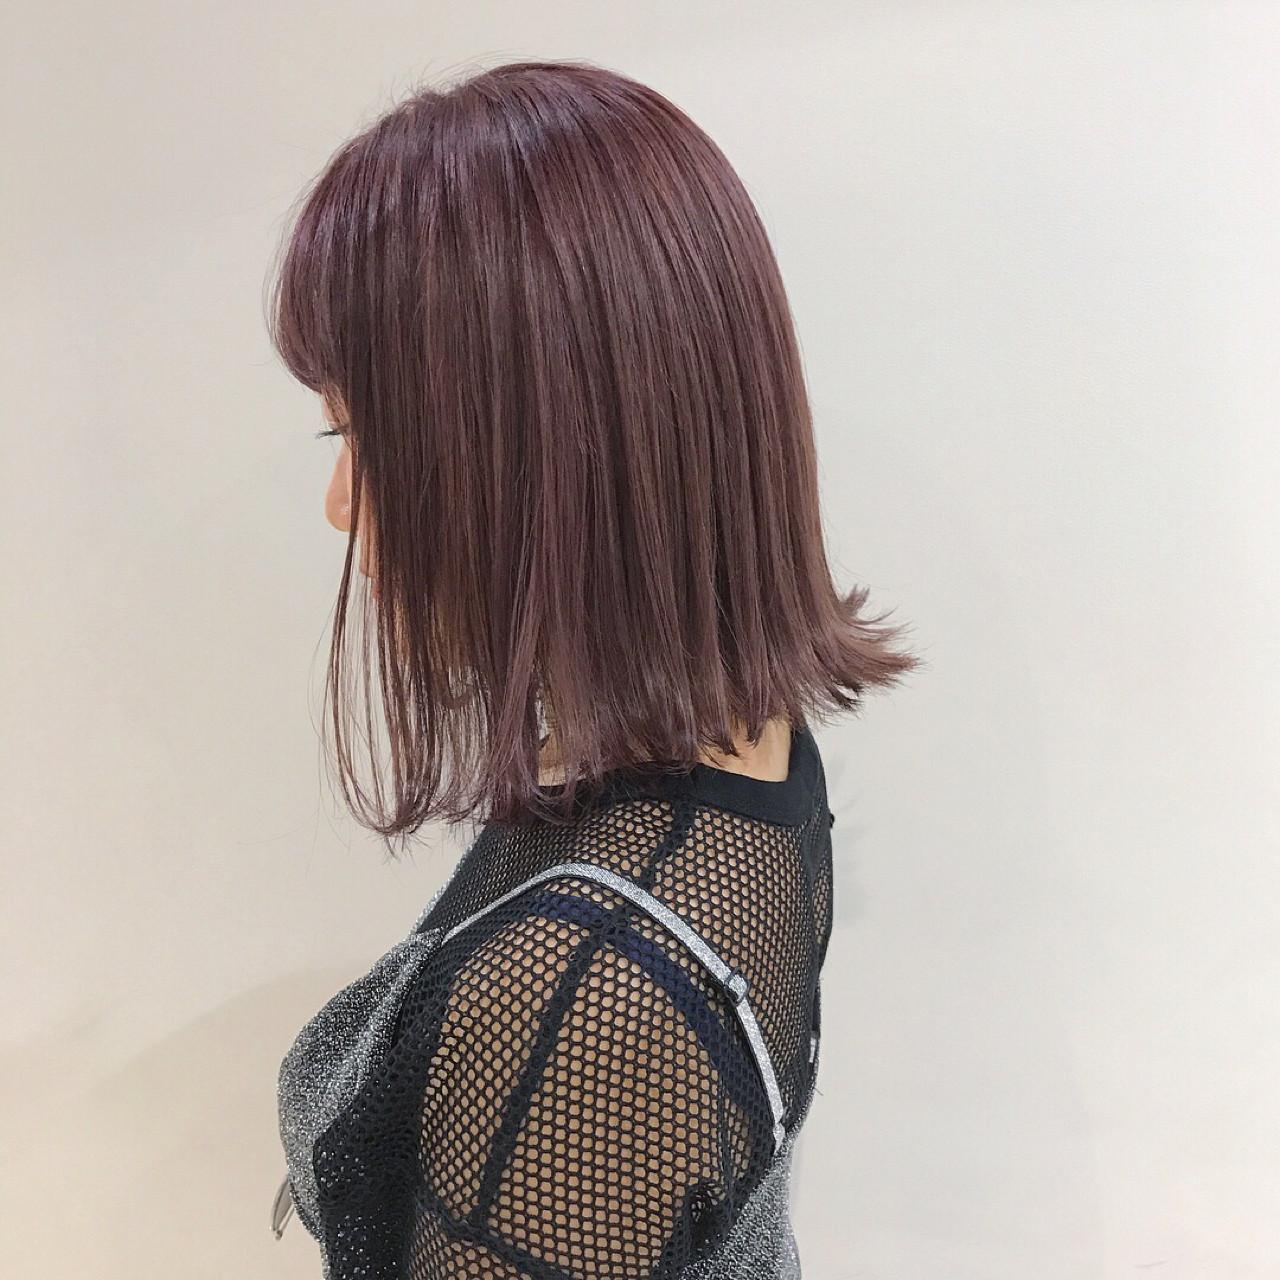 ブリーチ 切りっぱなし ラベンダーアッシュ ミディアムヘアスタイルや髪型の写真・画像